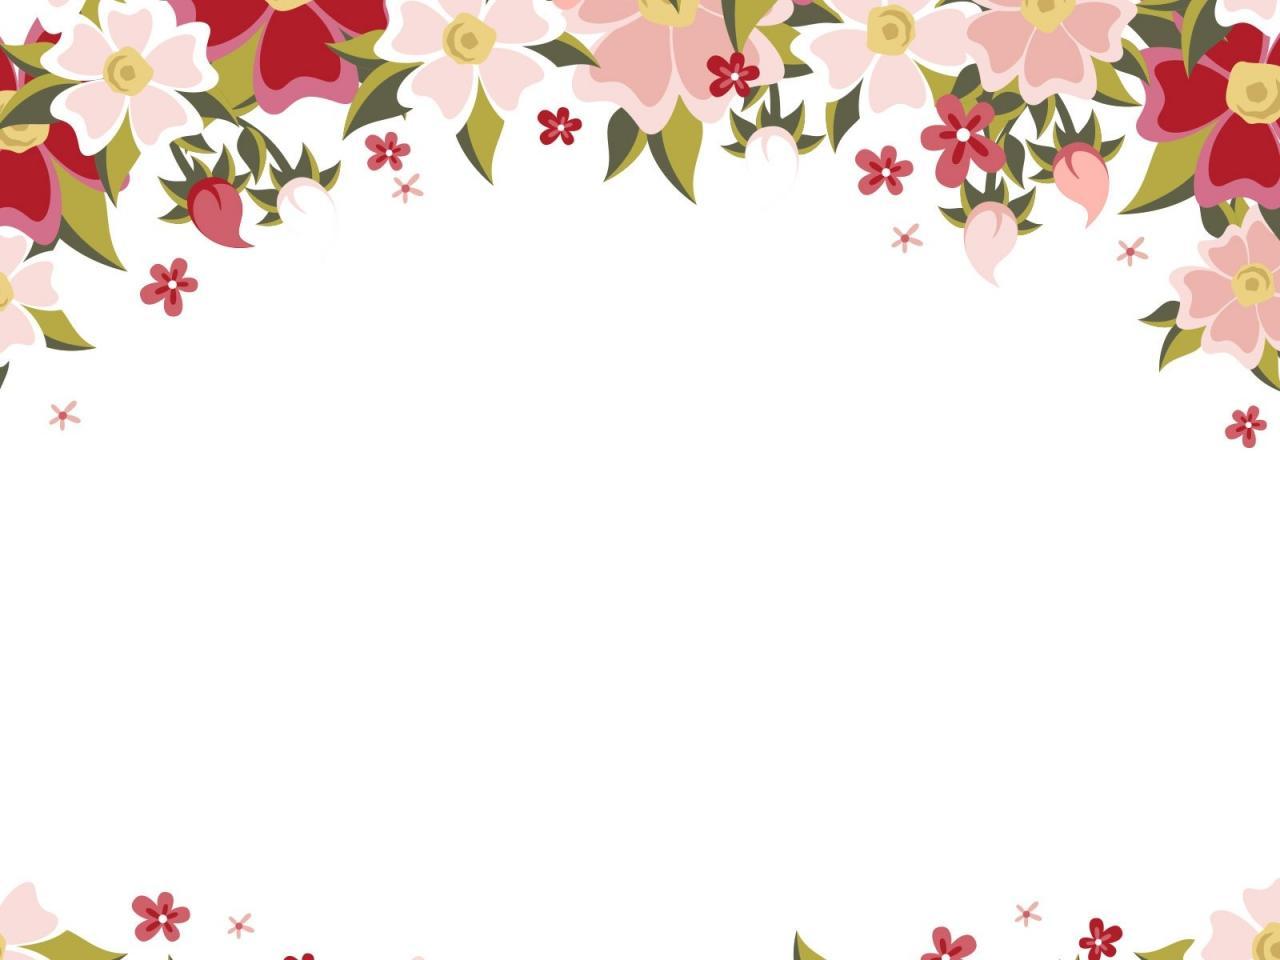 صورة خلفيات للبور بوينت , اجمل خليفات مستخدمه في الباوربوينت